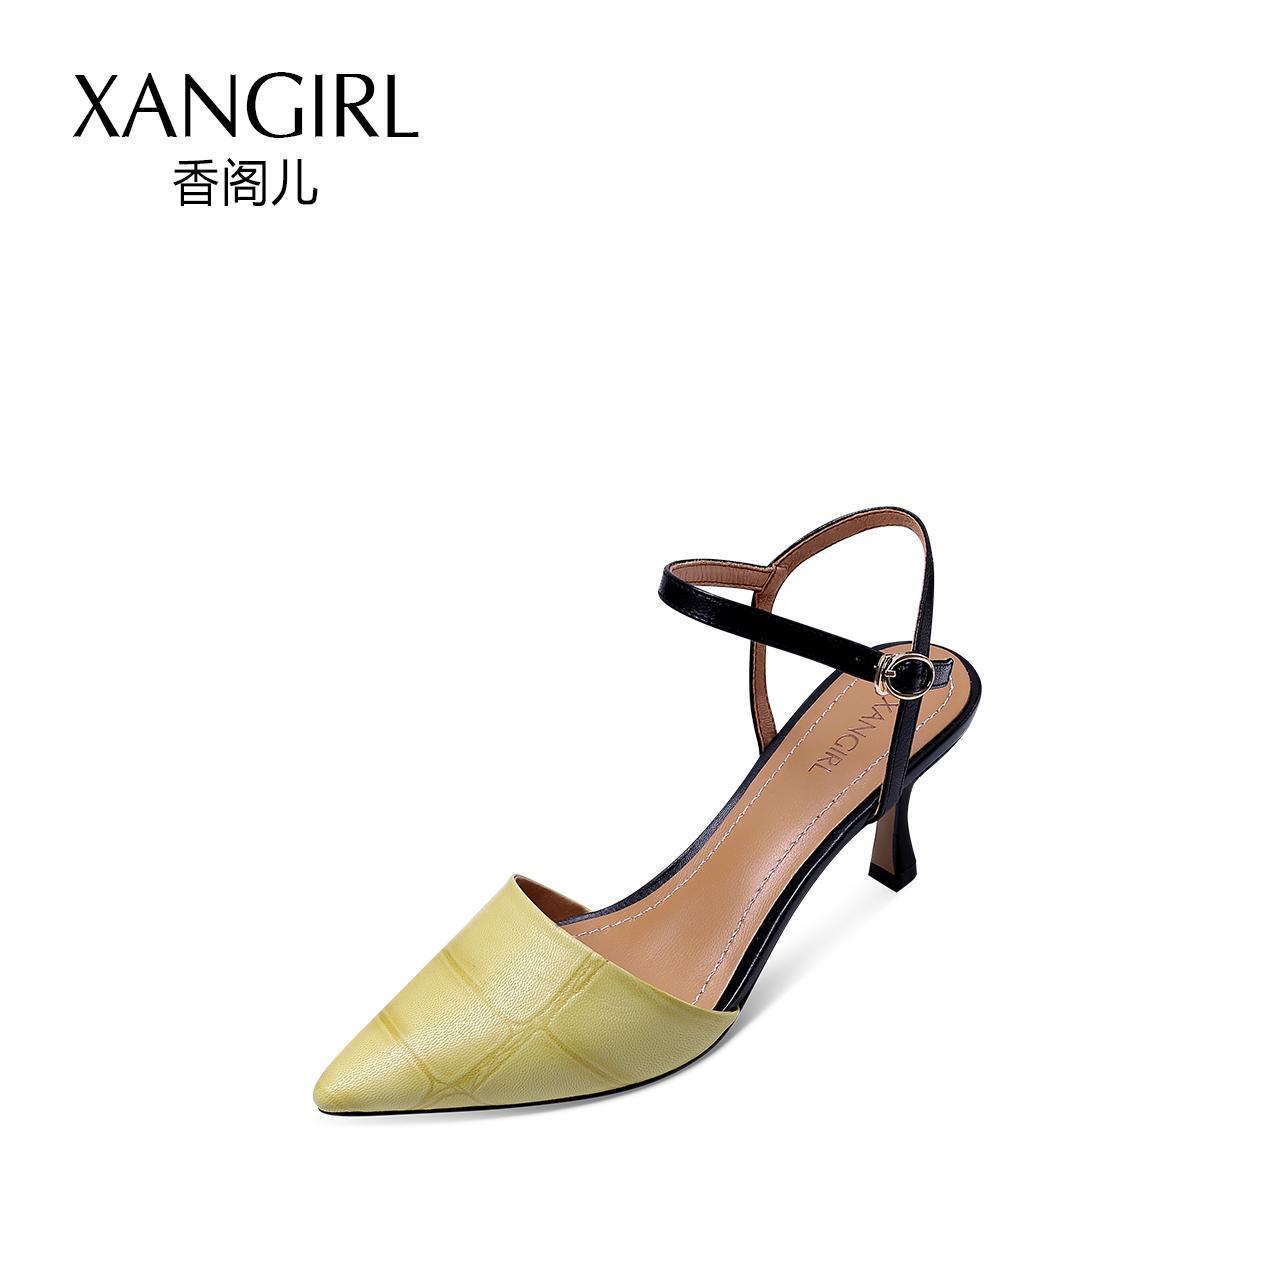 Buy Sell Cheapest Sepatu Sandal Bertali Best Quality Product Deals Dr Kevin Men Sandals 9615 Tan Cokelat Muda 40 Xangirl Bagian Depan Tajam Hak Tinggi Tahun Musim Panas Model Baru Gaya Barat Modis Kepribadian